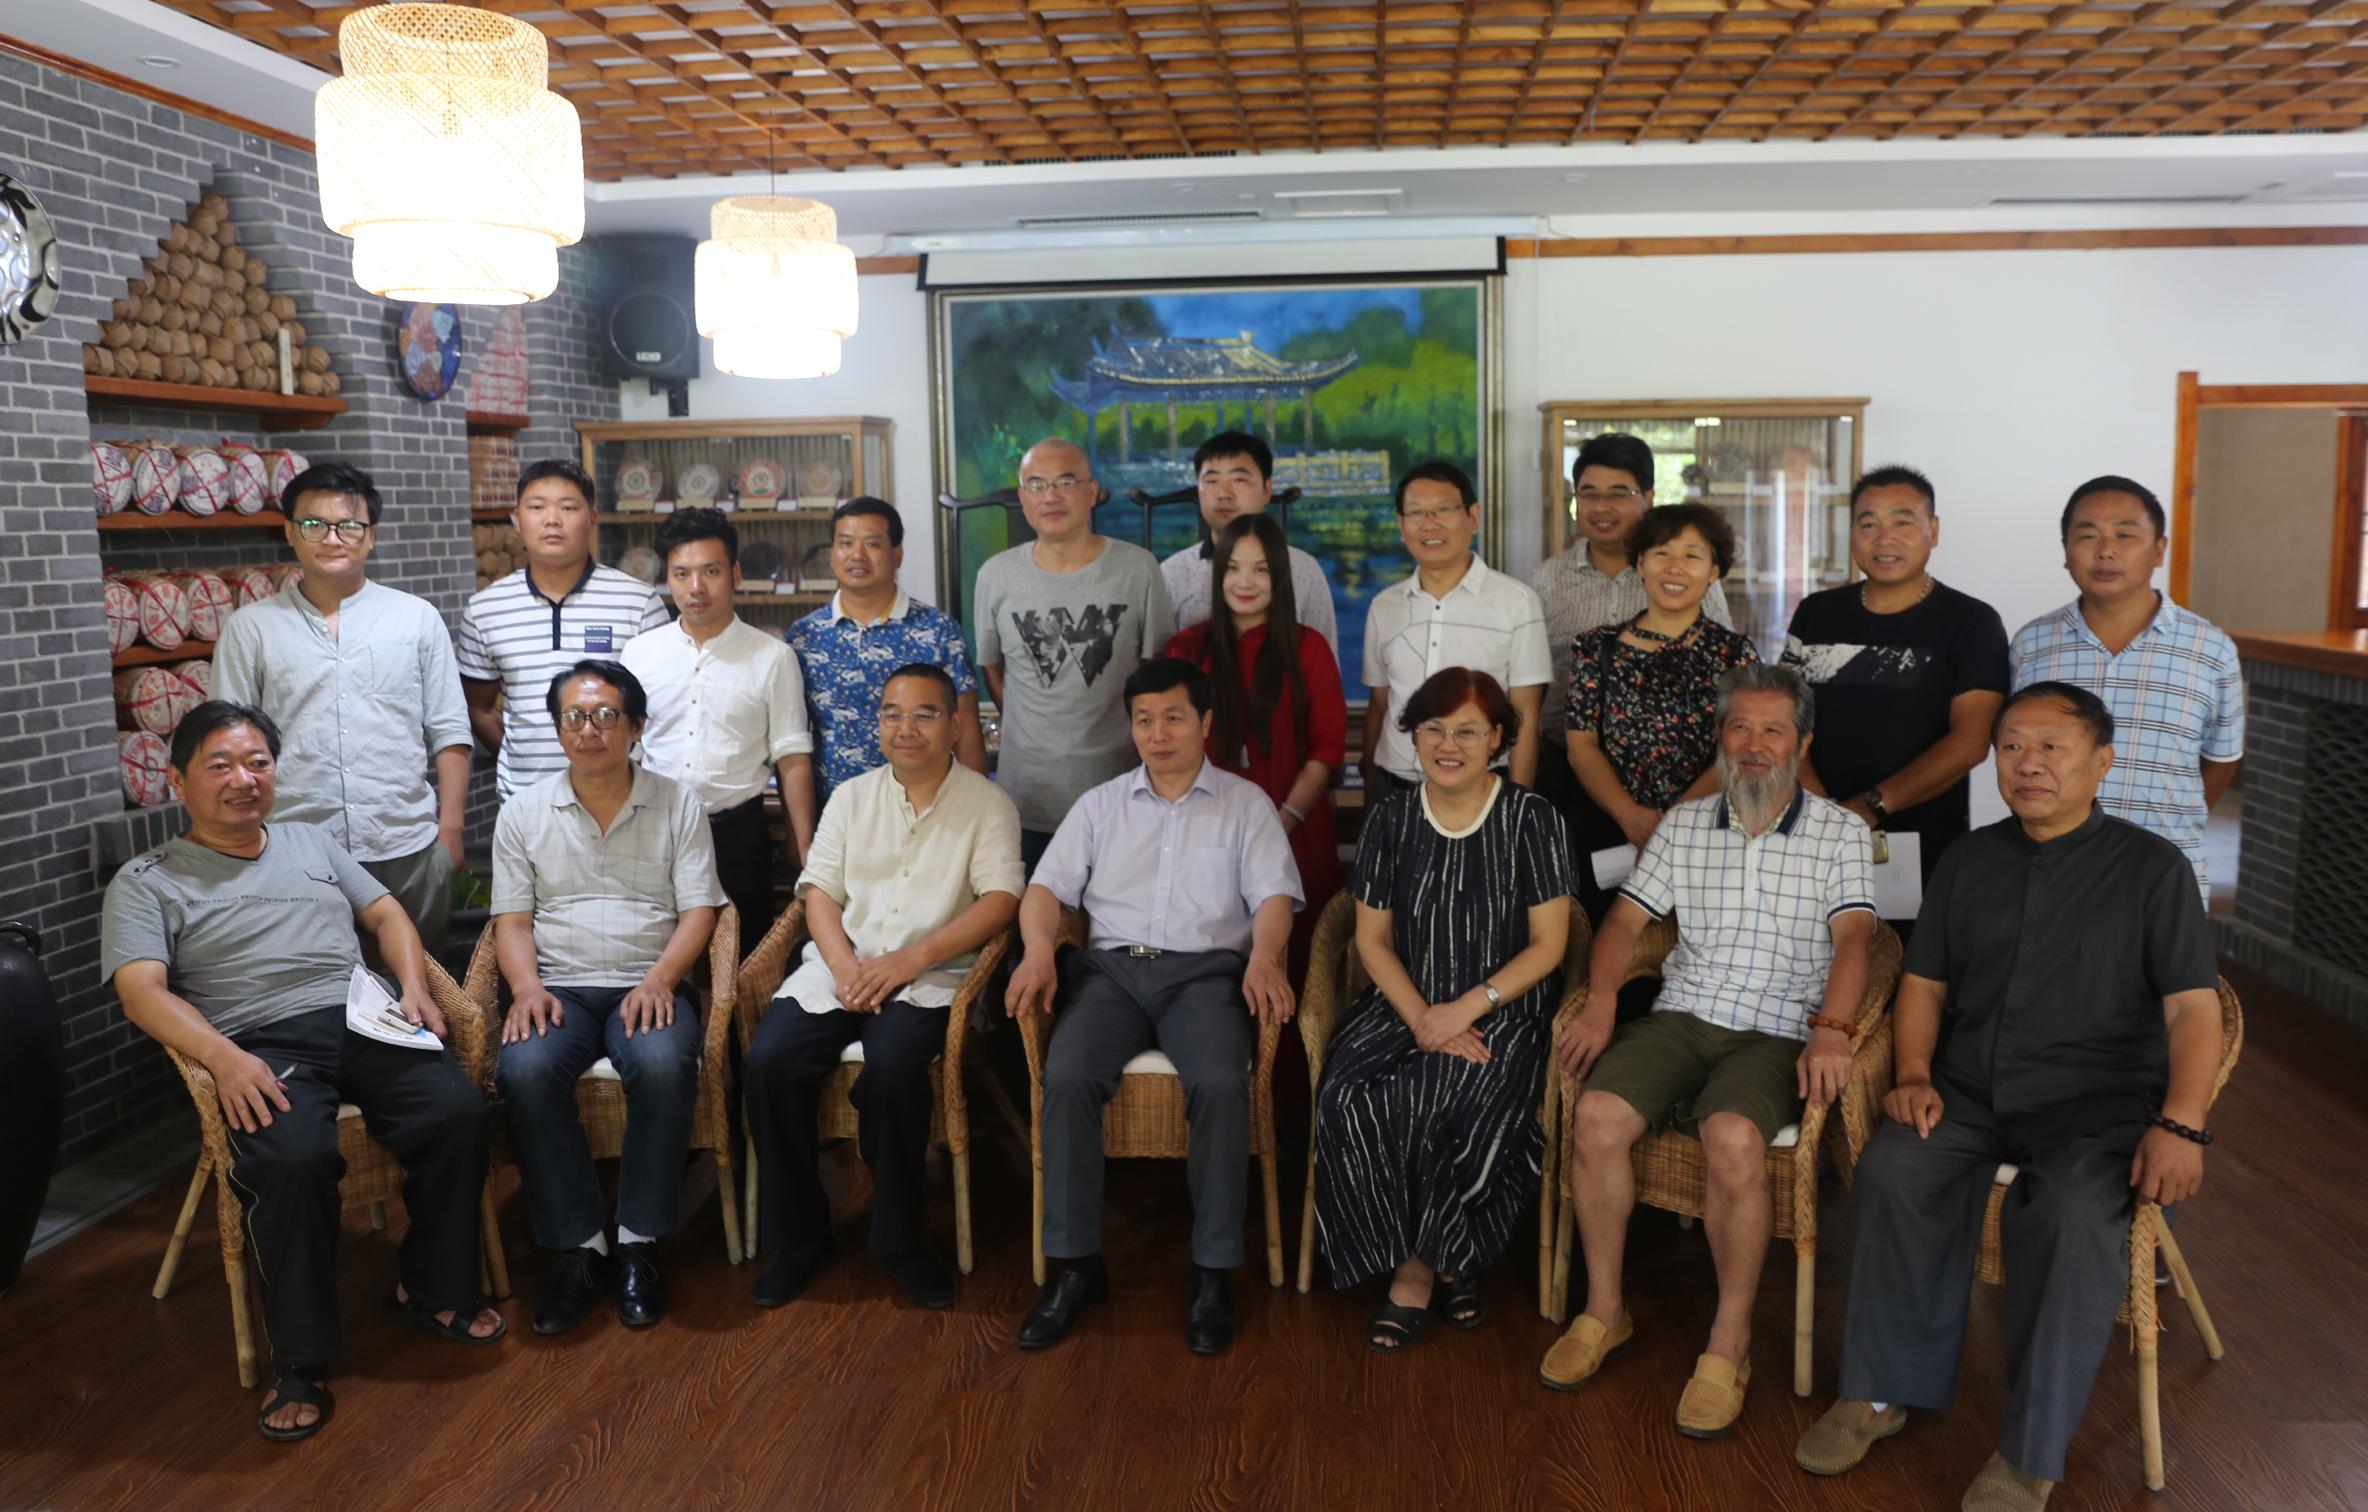 微电影《妈妈的木的》研讨会在淮阳莲舍举办